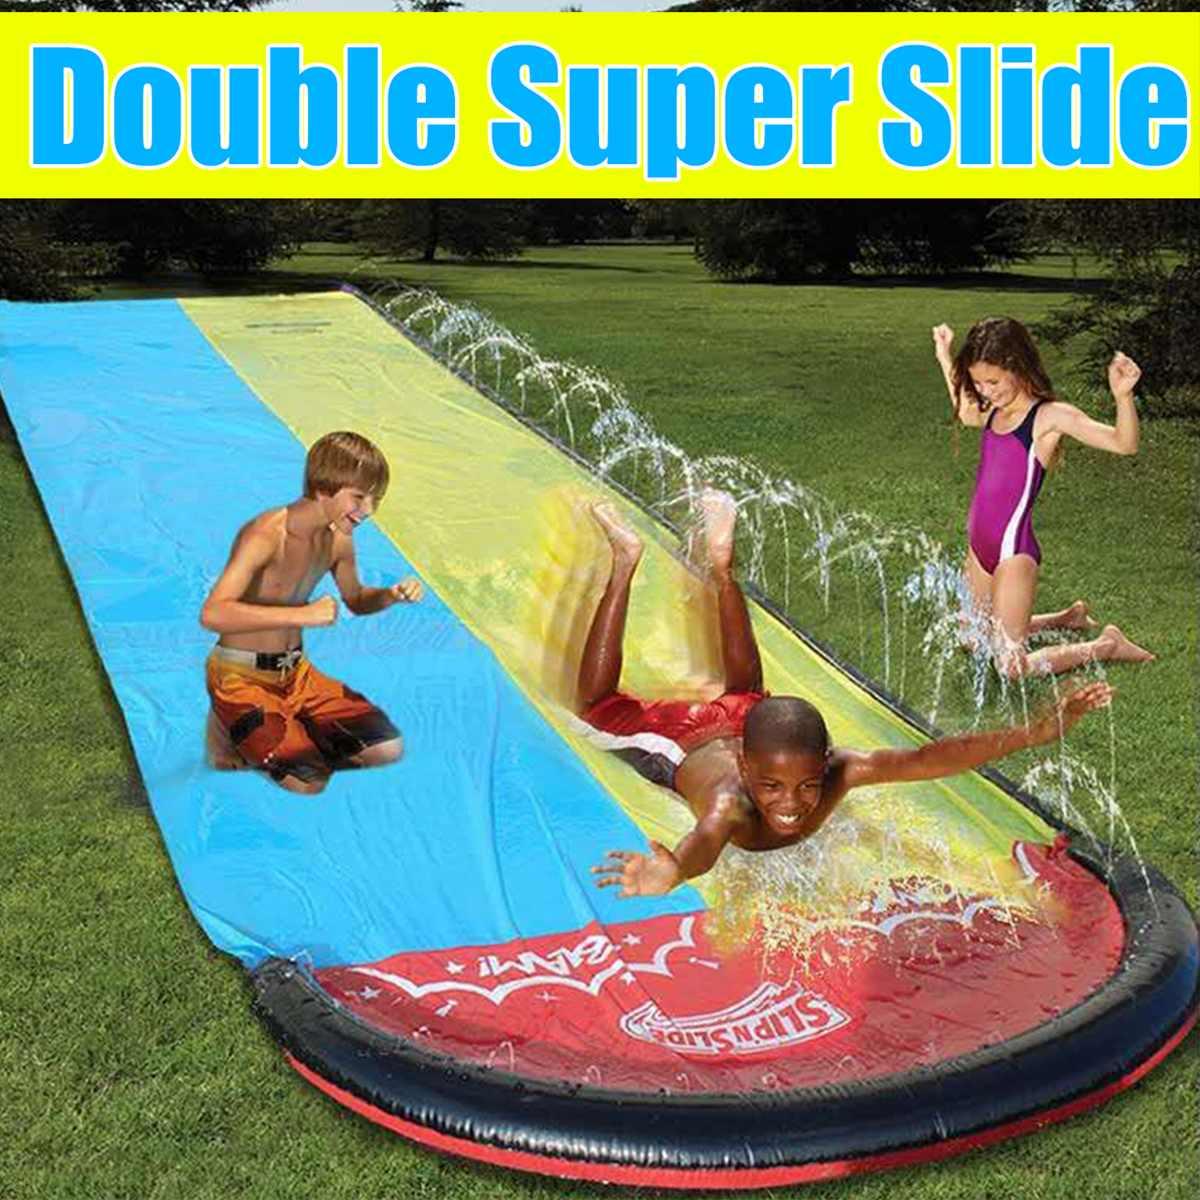 6.1m 4.8m Double Surf WaterSlide Children Summer Lawn Slides Outdoor Garden Backyard Fun Water Games Slider Spray Sprinkler Toy